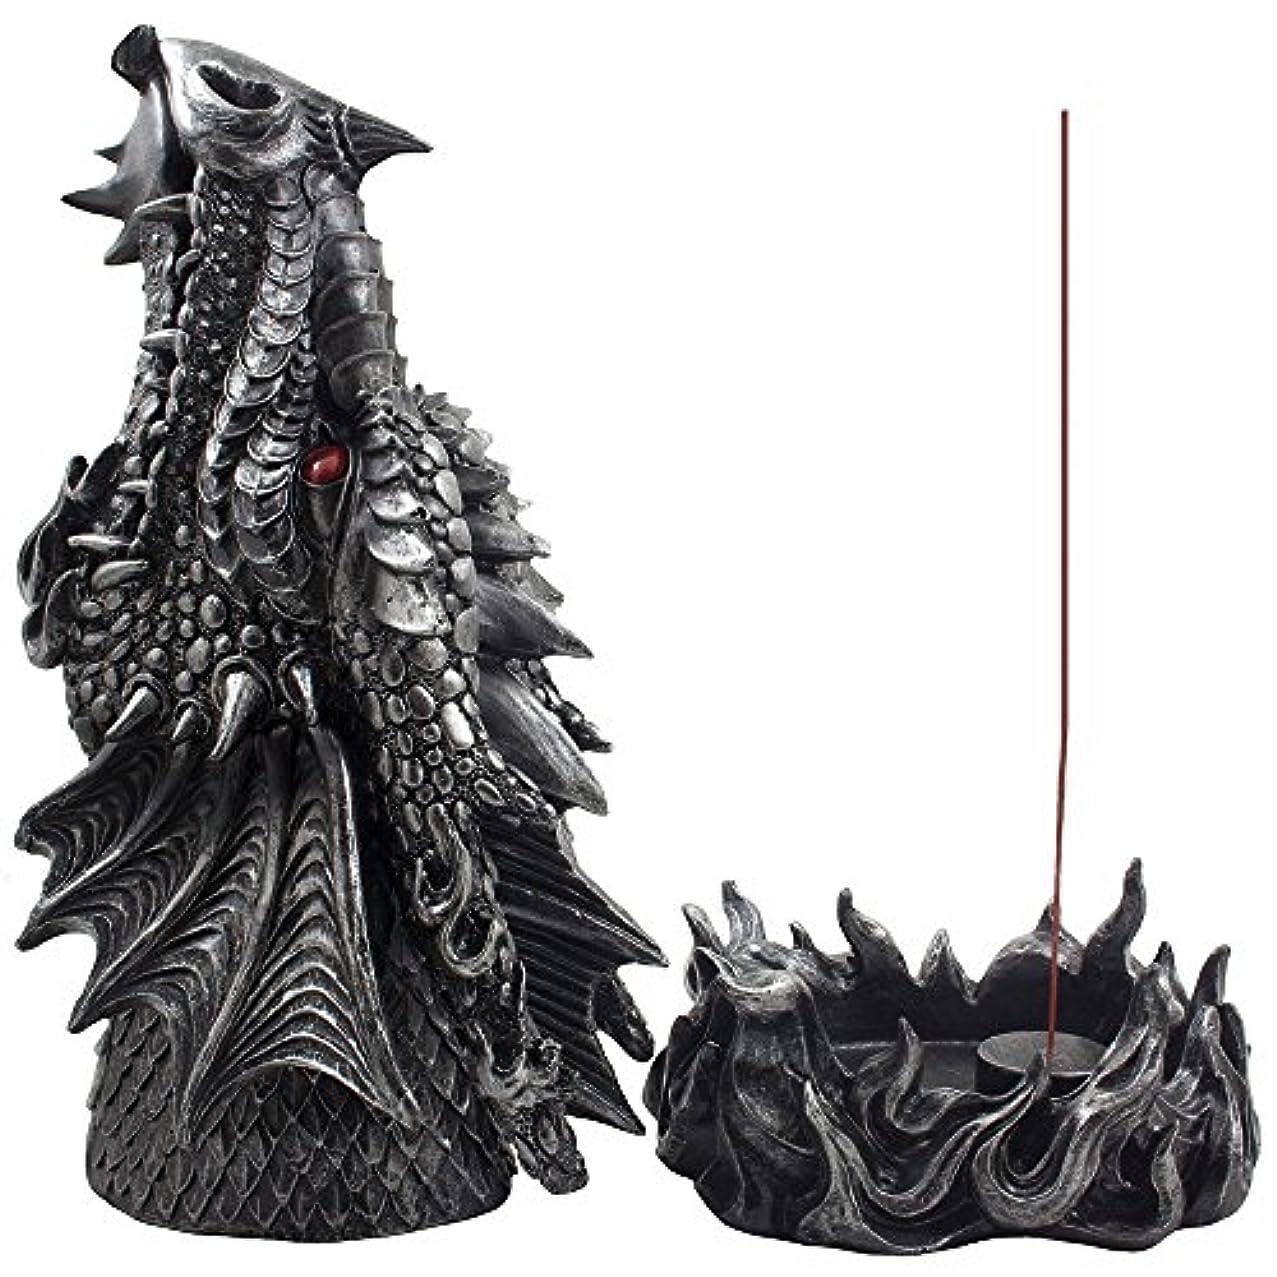 未亡人効果的面倒Mythical Fire Breathing Dragon Incense Holder & Burner Combo Statue for Sticks or Cones with Decorative Display...